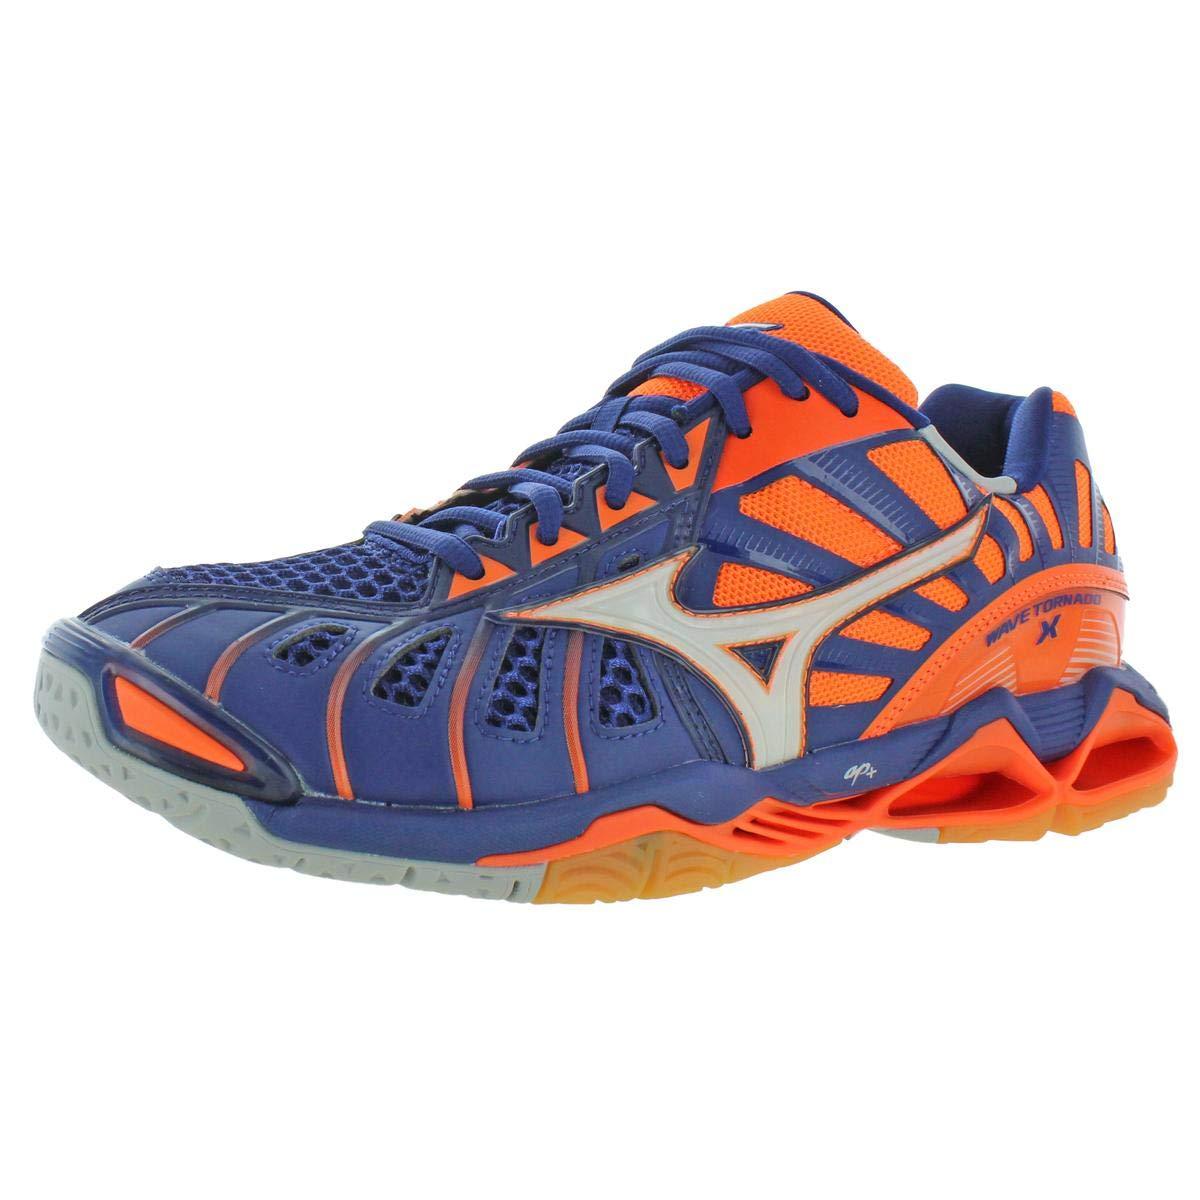 Mizuno Mens Wave Tornado X Lace-Up Volleyball Shoes Orange 10.5 Medium (D) by Mizuno